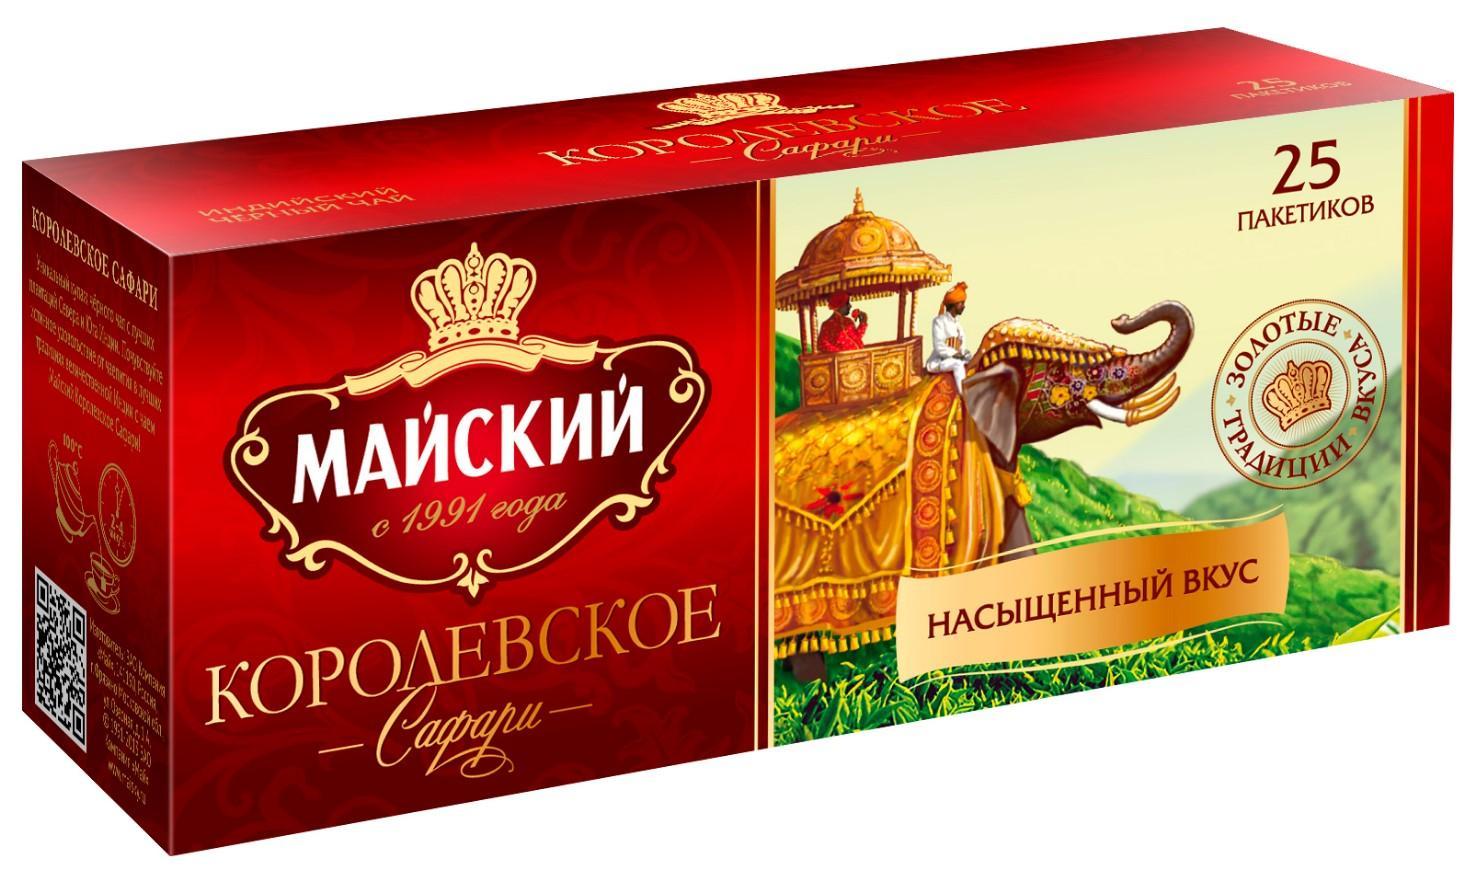 Чай Майский Королевское Сафари черный 50 гр